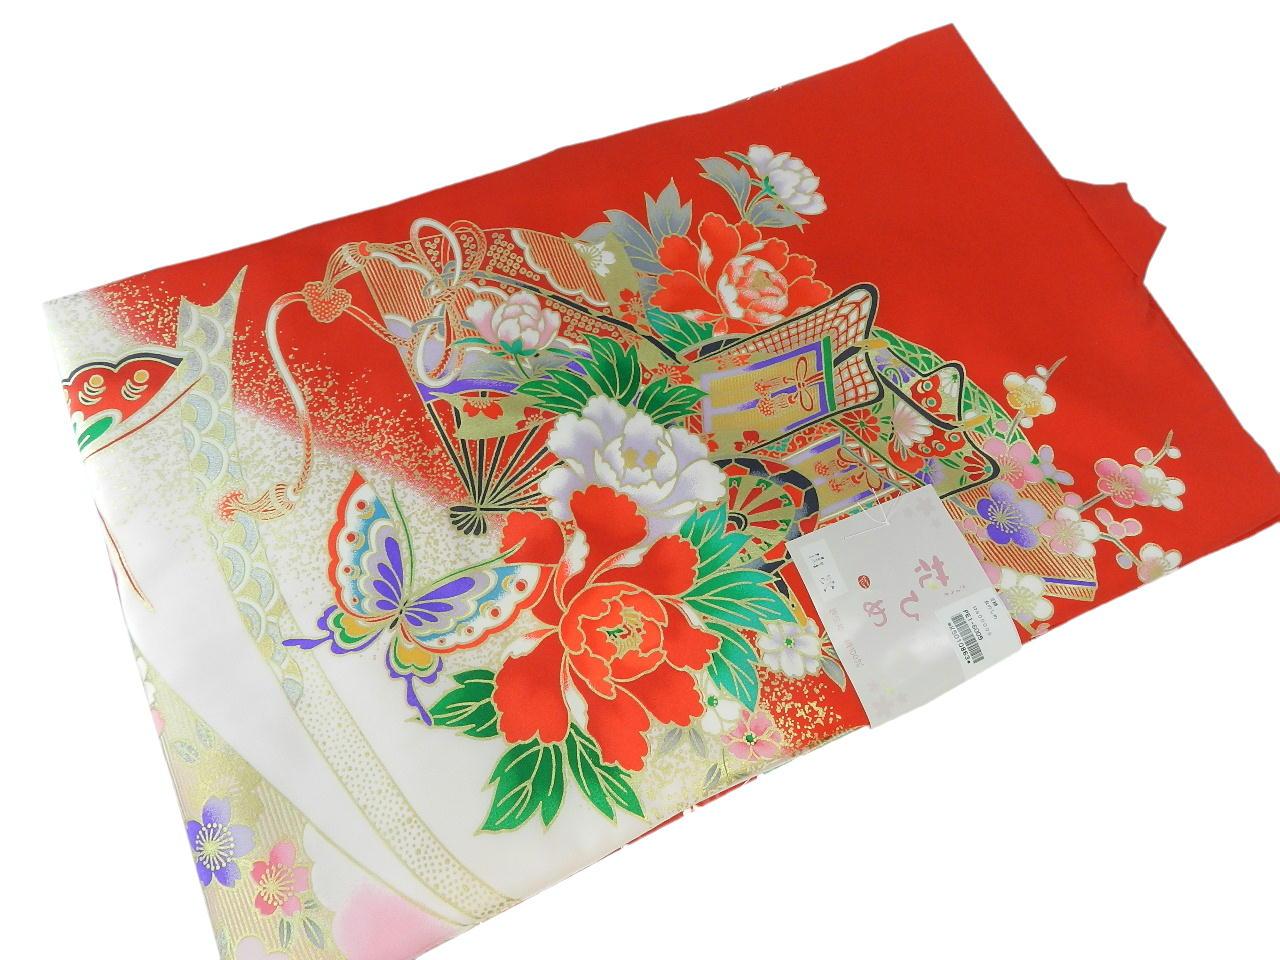 宮-5女の子女児正絹 宮参りの着物 襦袢付き祝い着セット価格産着 一つ身 のしめ祝着 着物 正絹  新品